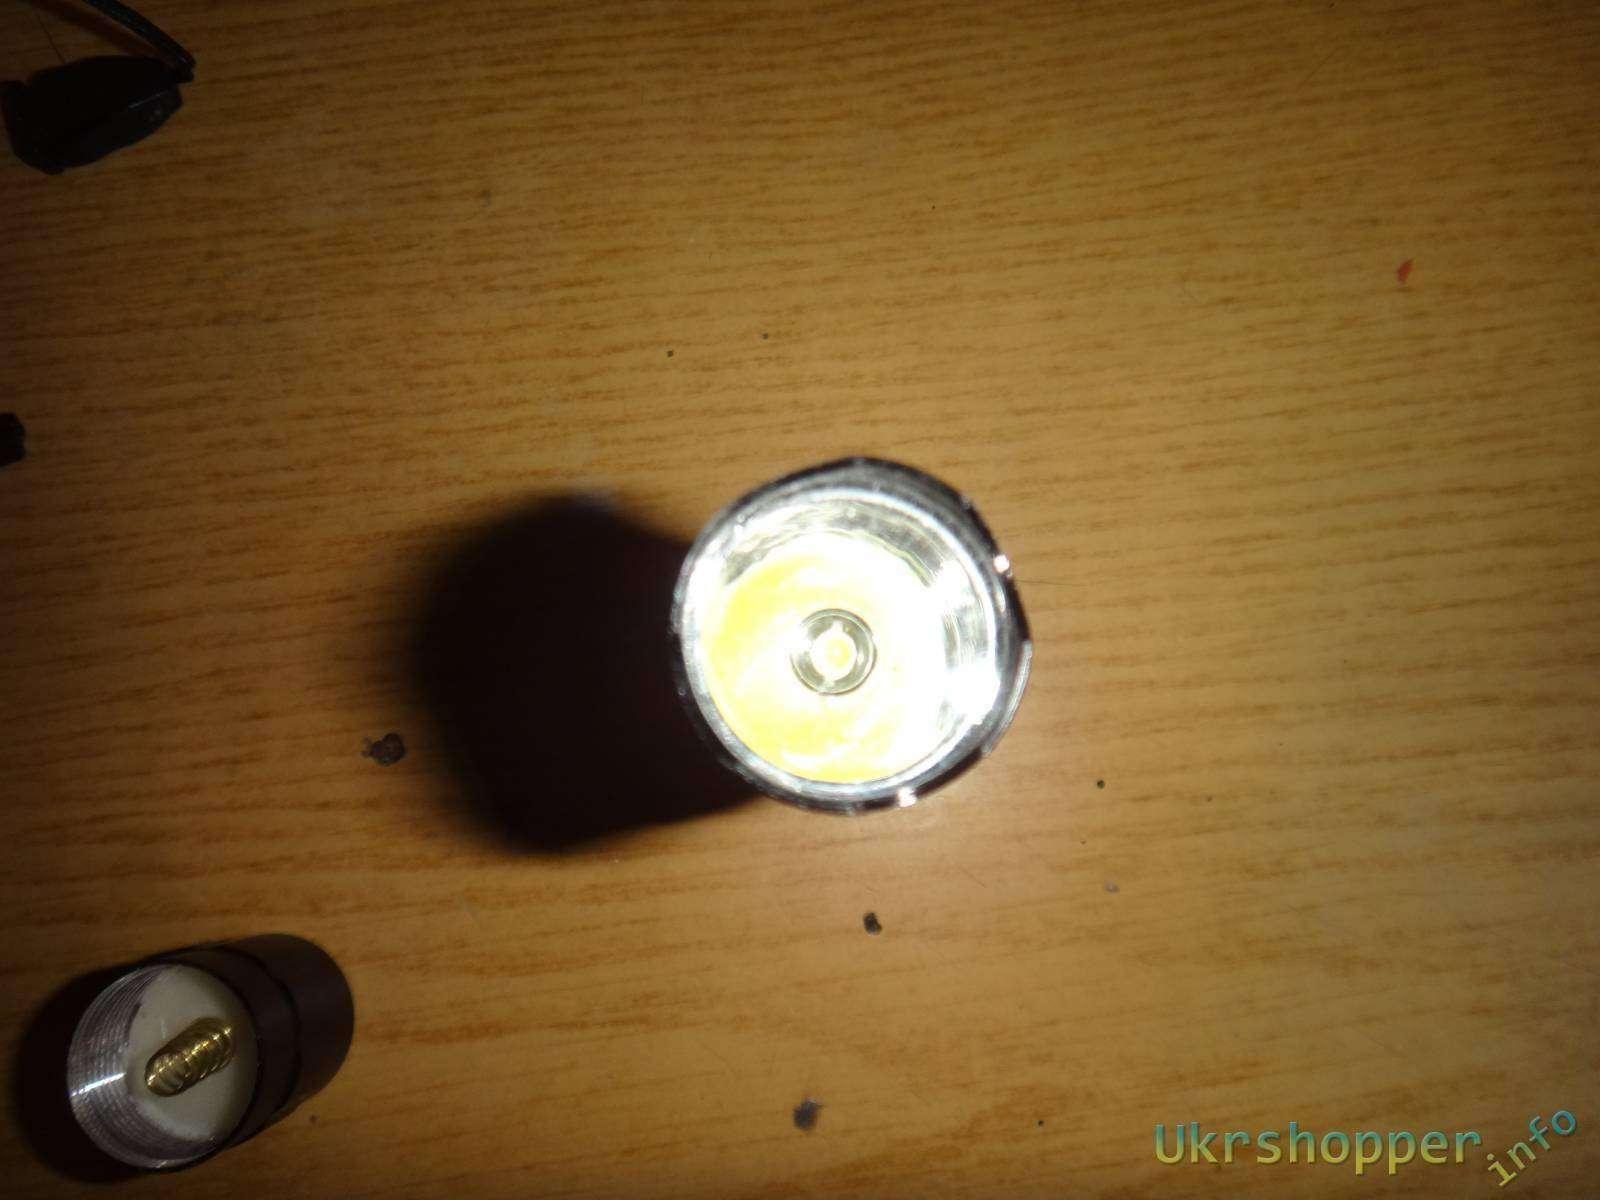 Tmart: Обзорчик подаренного фонарика от Тмарт